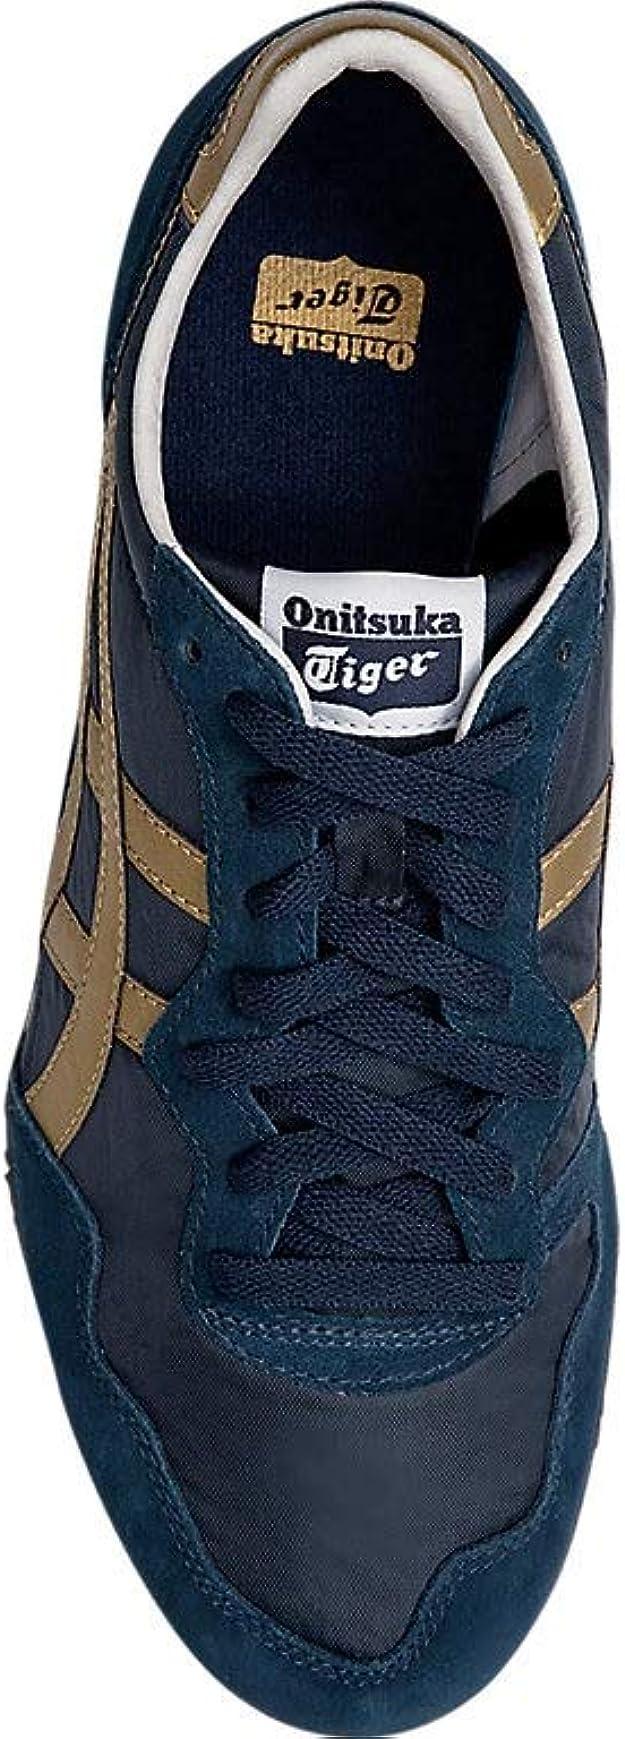 onitsuka tiger mexico 66 black blue precious